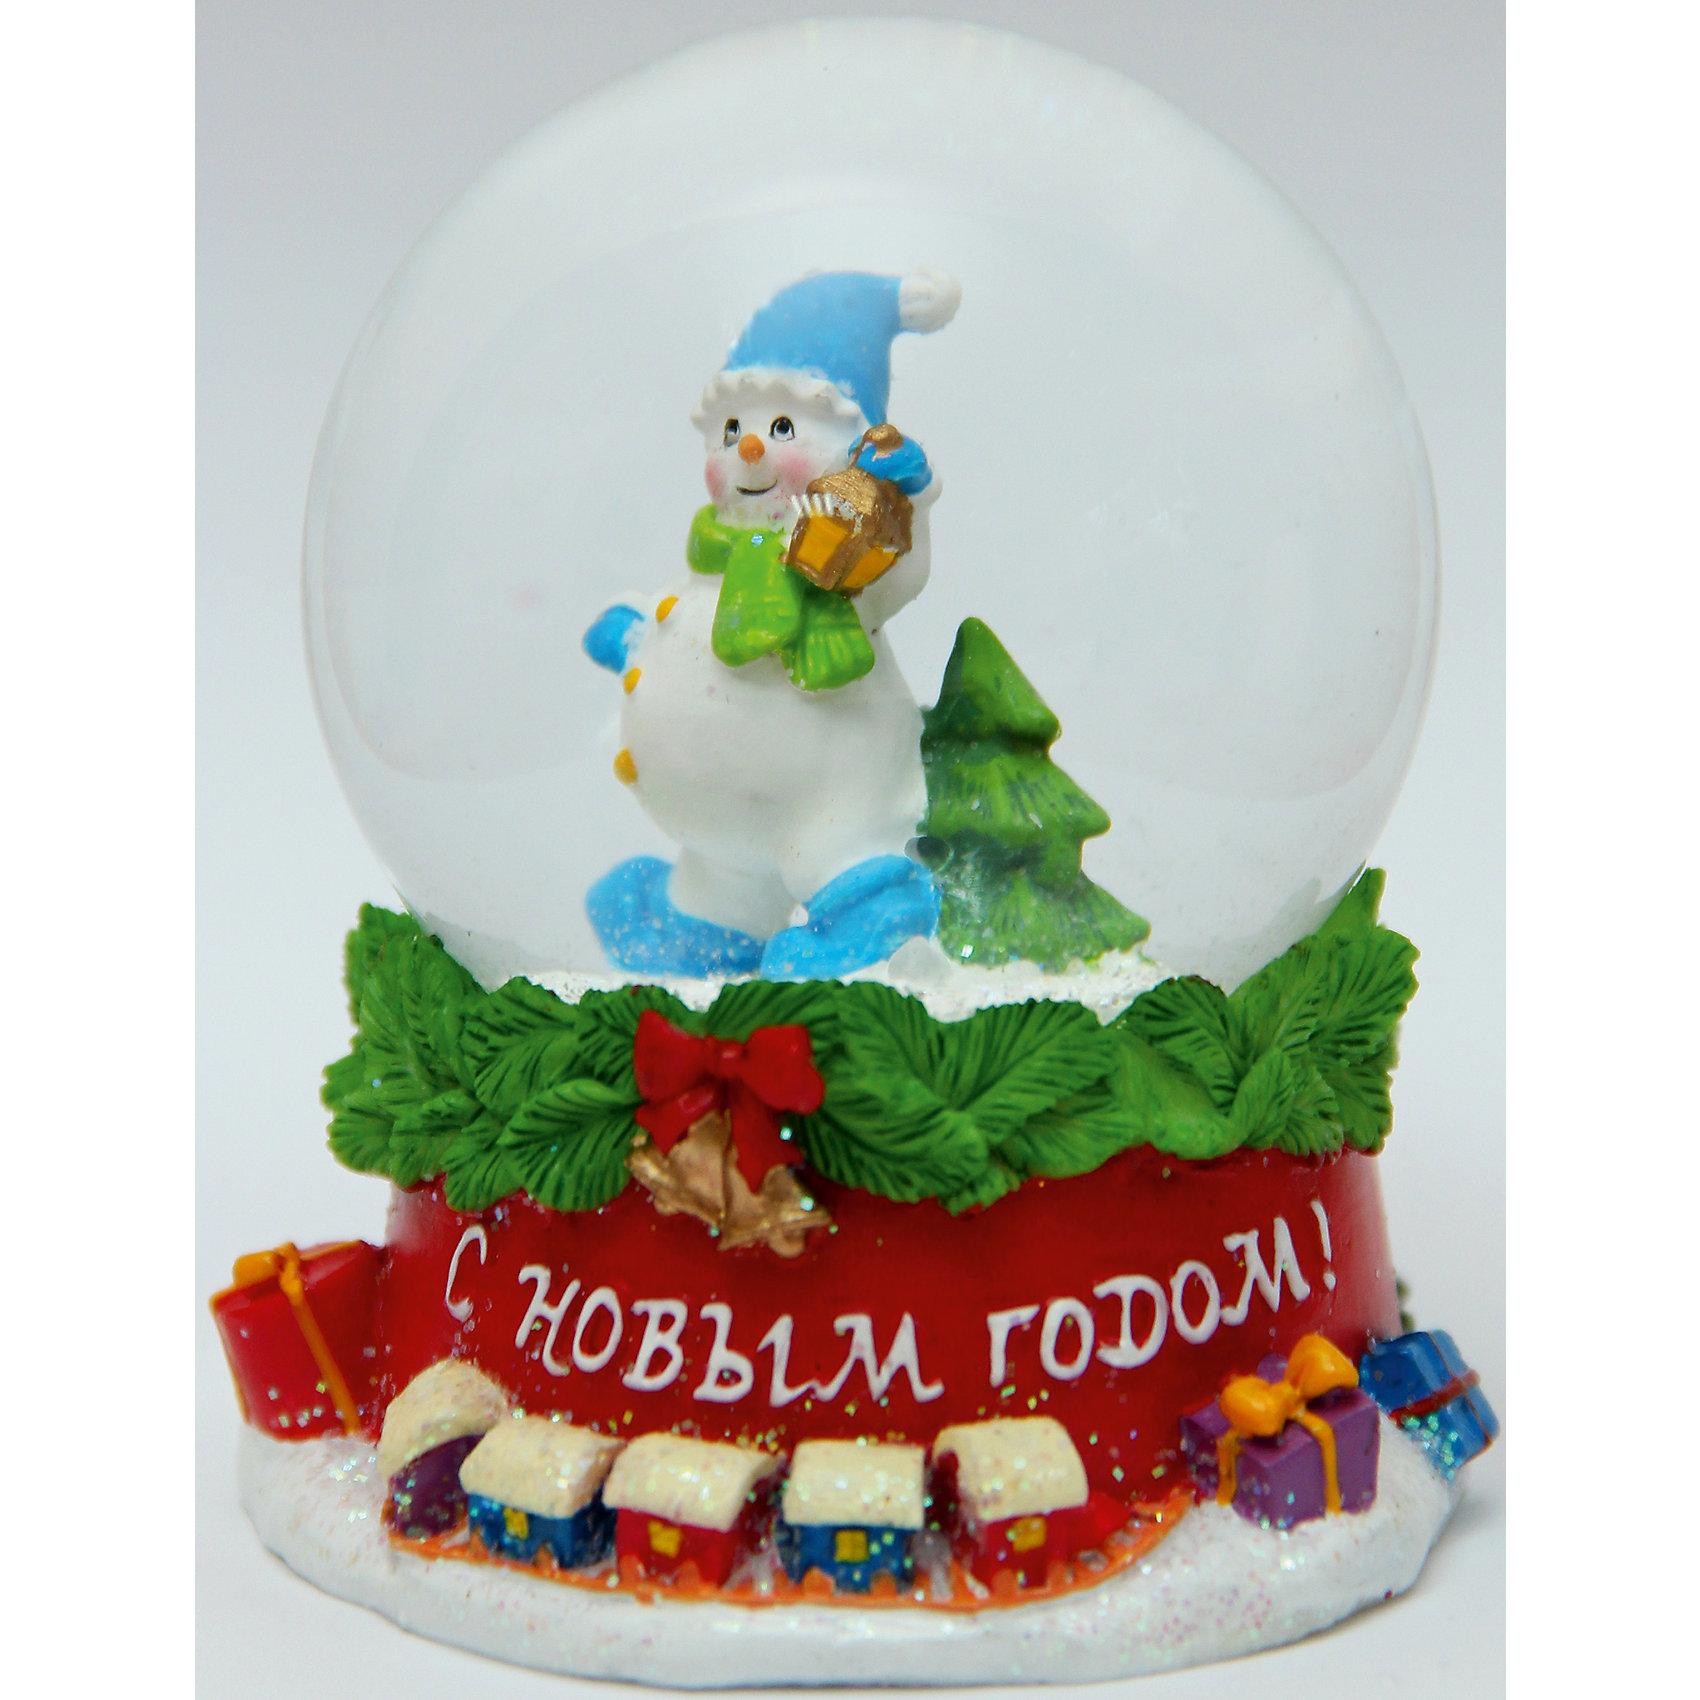 Новогодняя фигурка Снеговик с фонарем (7,5*7,5*8,4см, из полирезины с водяным шаром из стекла)Новогодние свечи и подсвечники<br>Новогодняя фигурка Снеговик с фонаремарт. 38357 (7,5*7,5*8,4см, из полирезины с водяным шаром из стекла)<br><br>Ширина мм: 120<br>Глубина мм: 80<br>Высота мм: 80<br>Вес г: 306<br>Возраст от месяцев: 60<br>Возраст до месяцев: 600<br>Пол: Унисекс<br>Возраст: Детский<br>SKU: 5144538